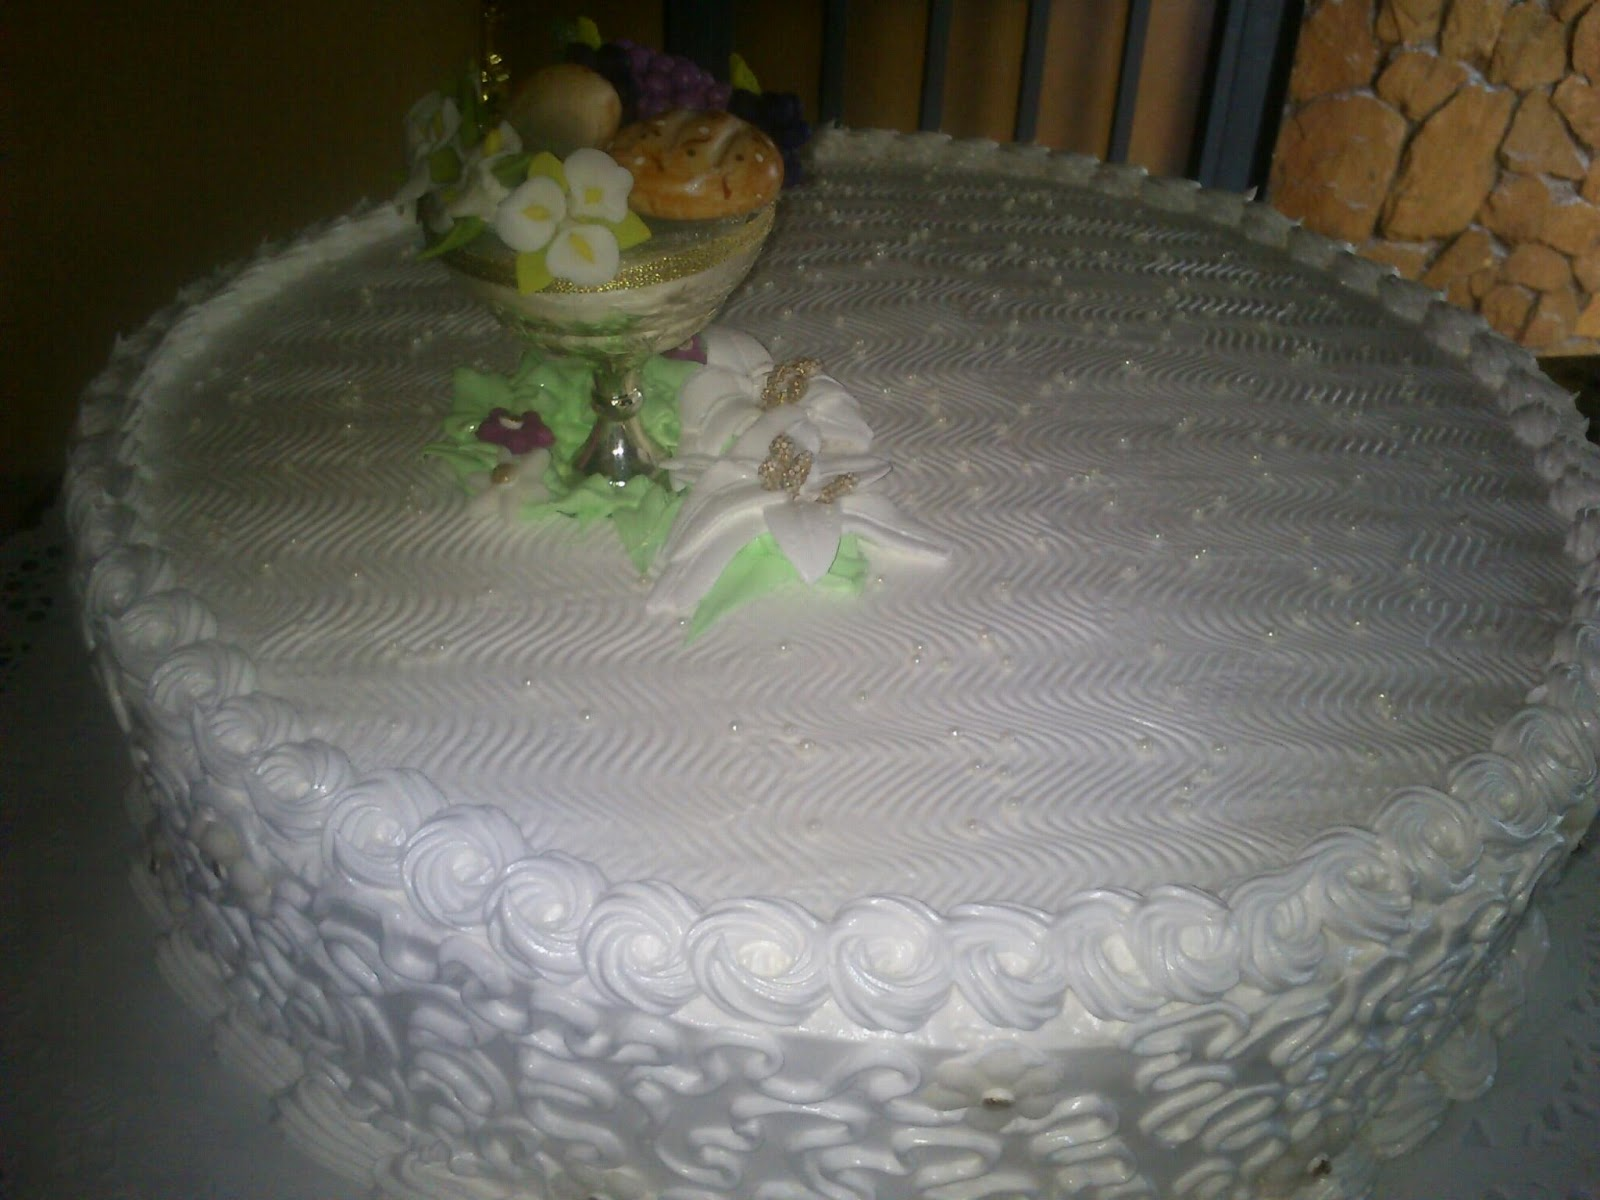 Tortas caseras torta de maiz car interior design for Decoracion de tortas caseras